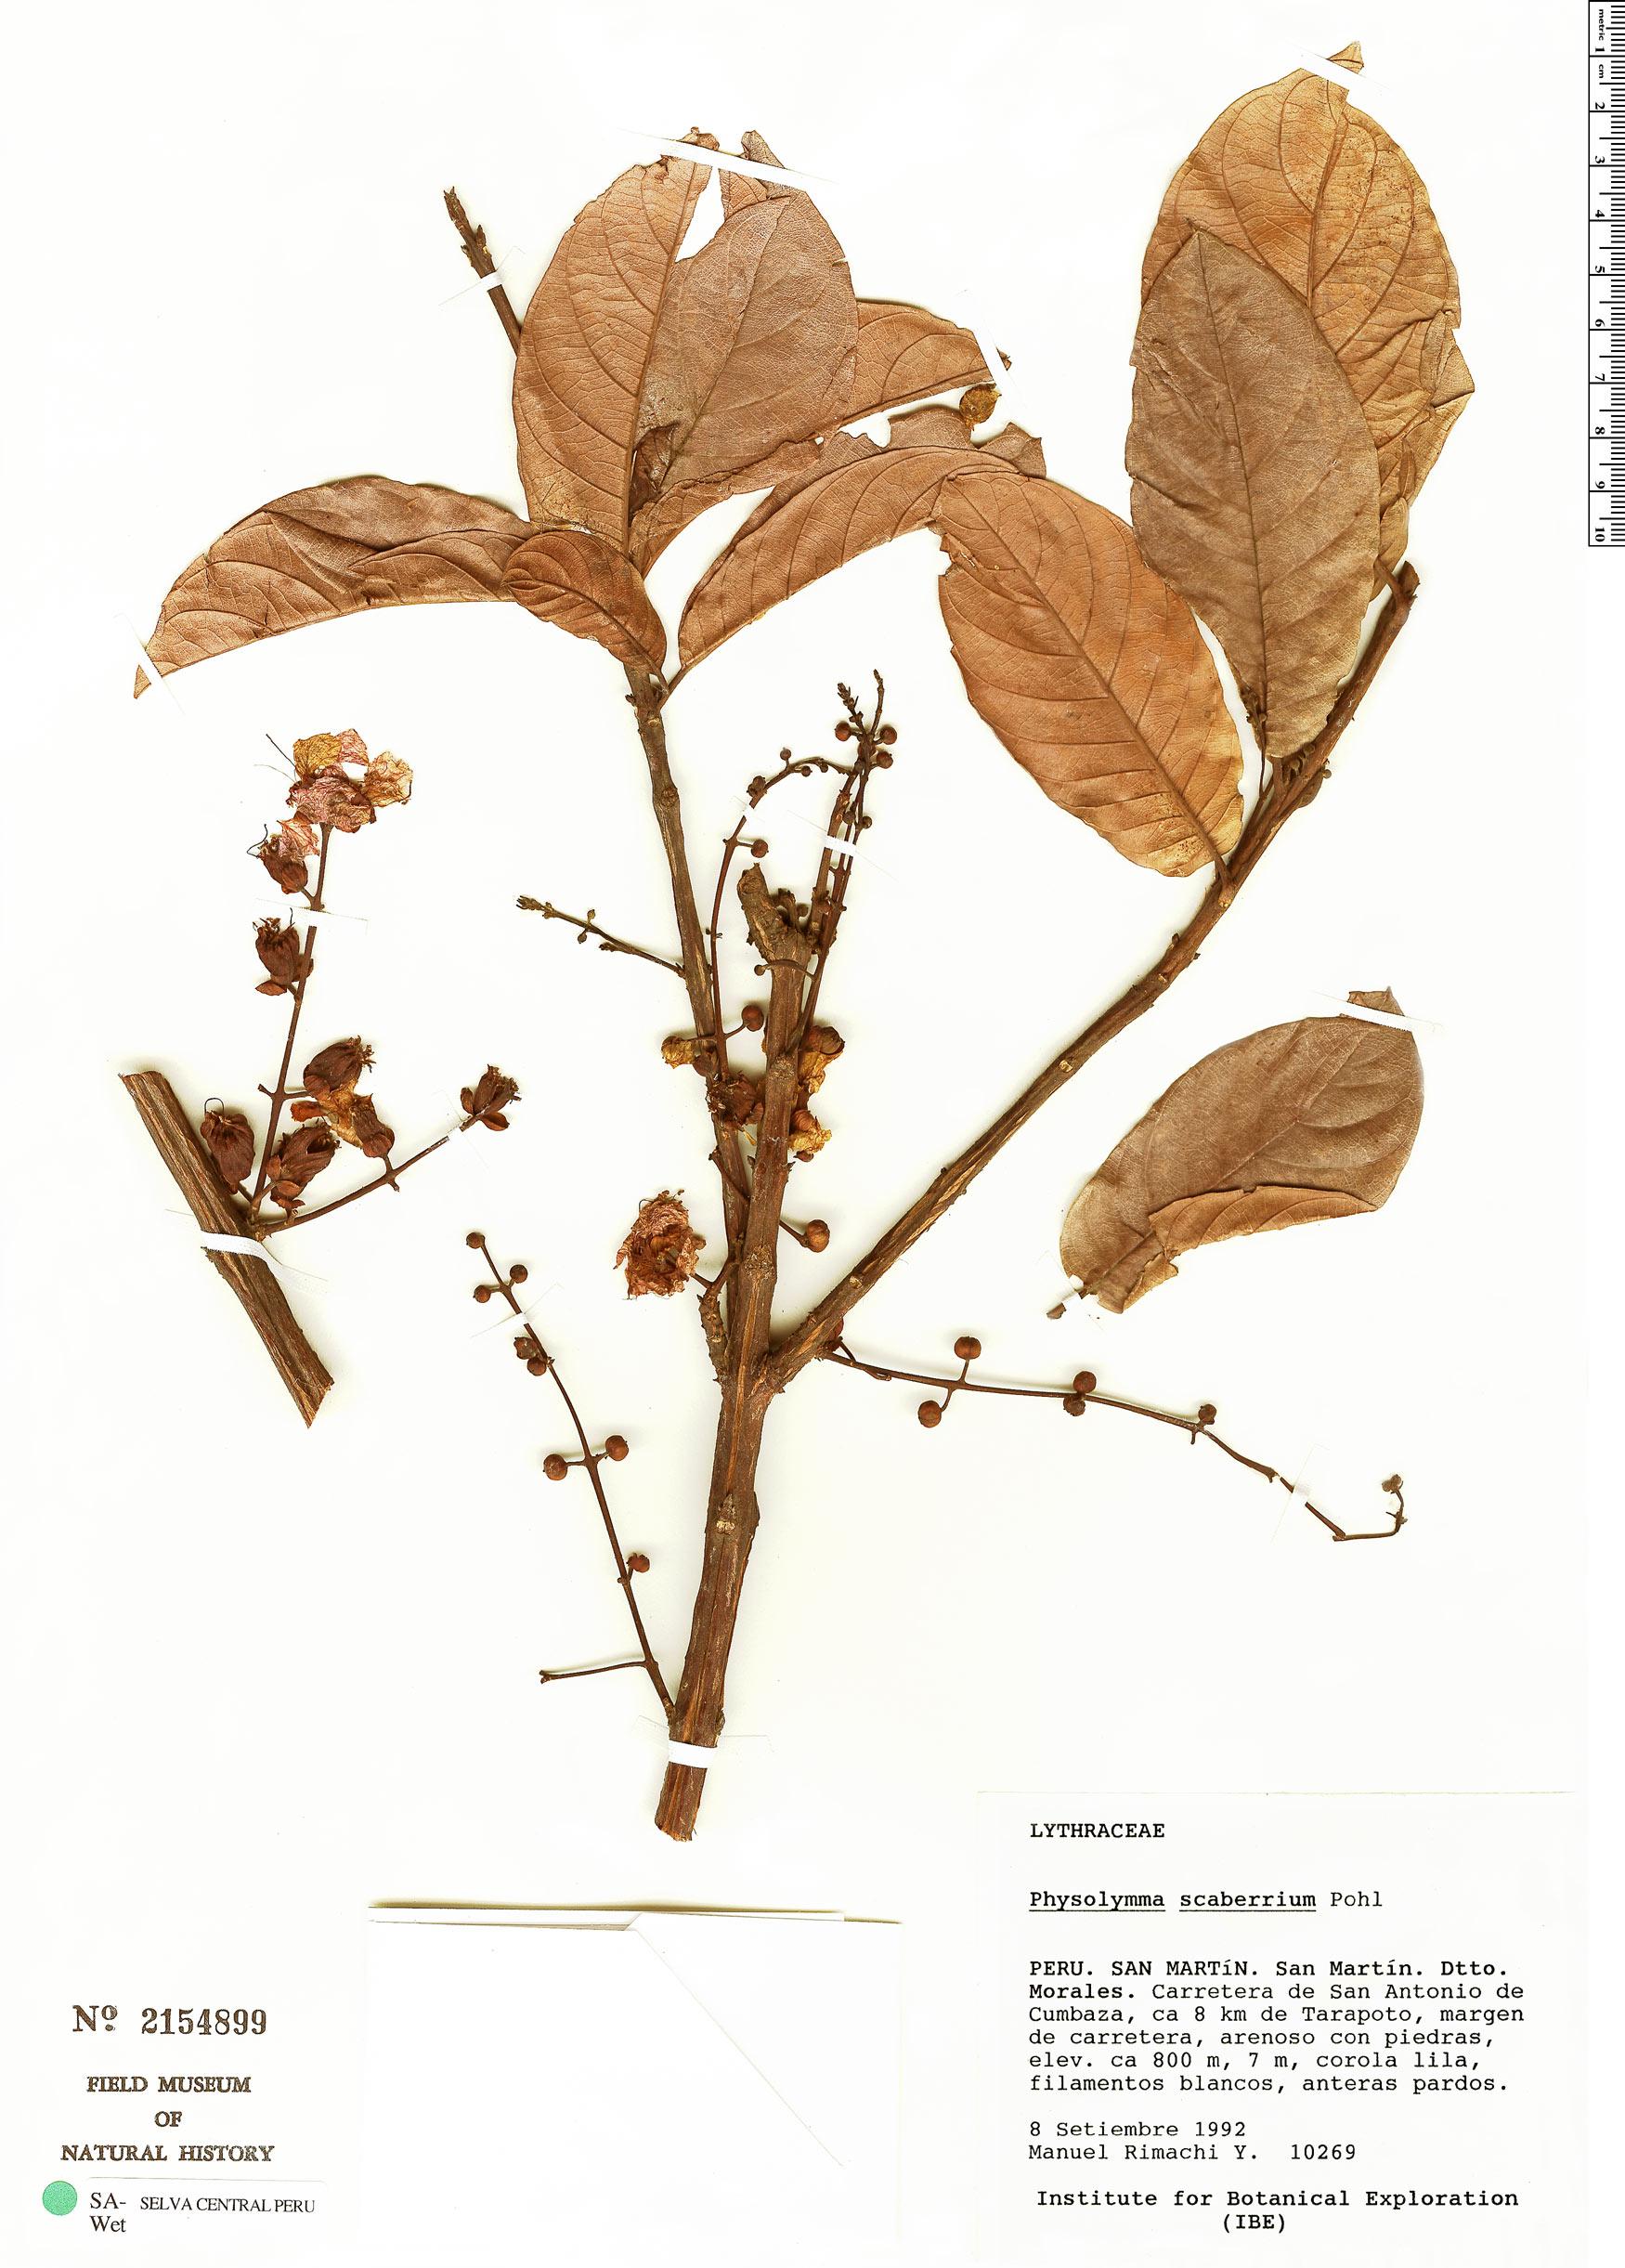 Specimen: Physocalymma scaberrimum